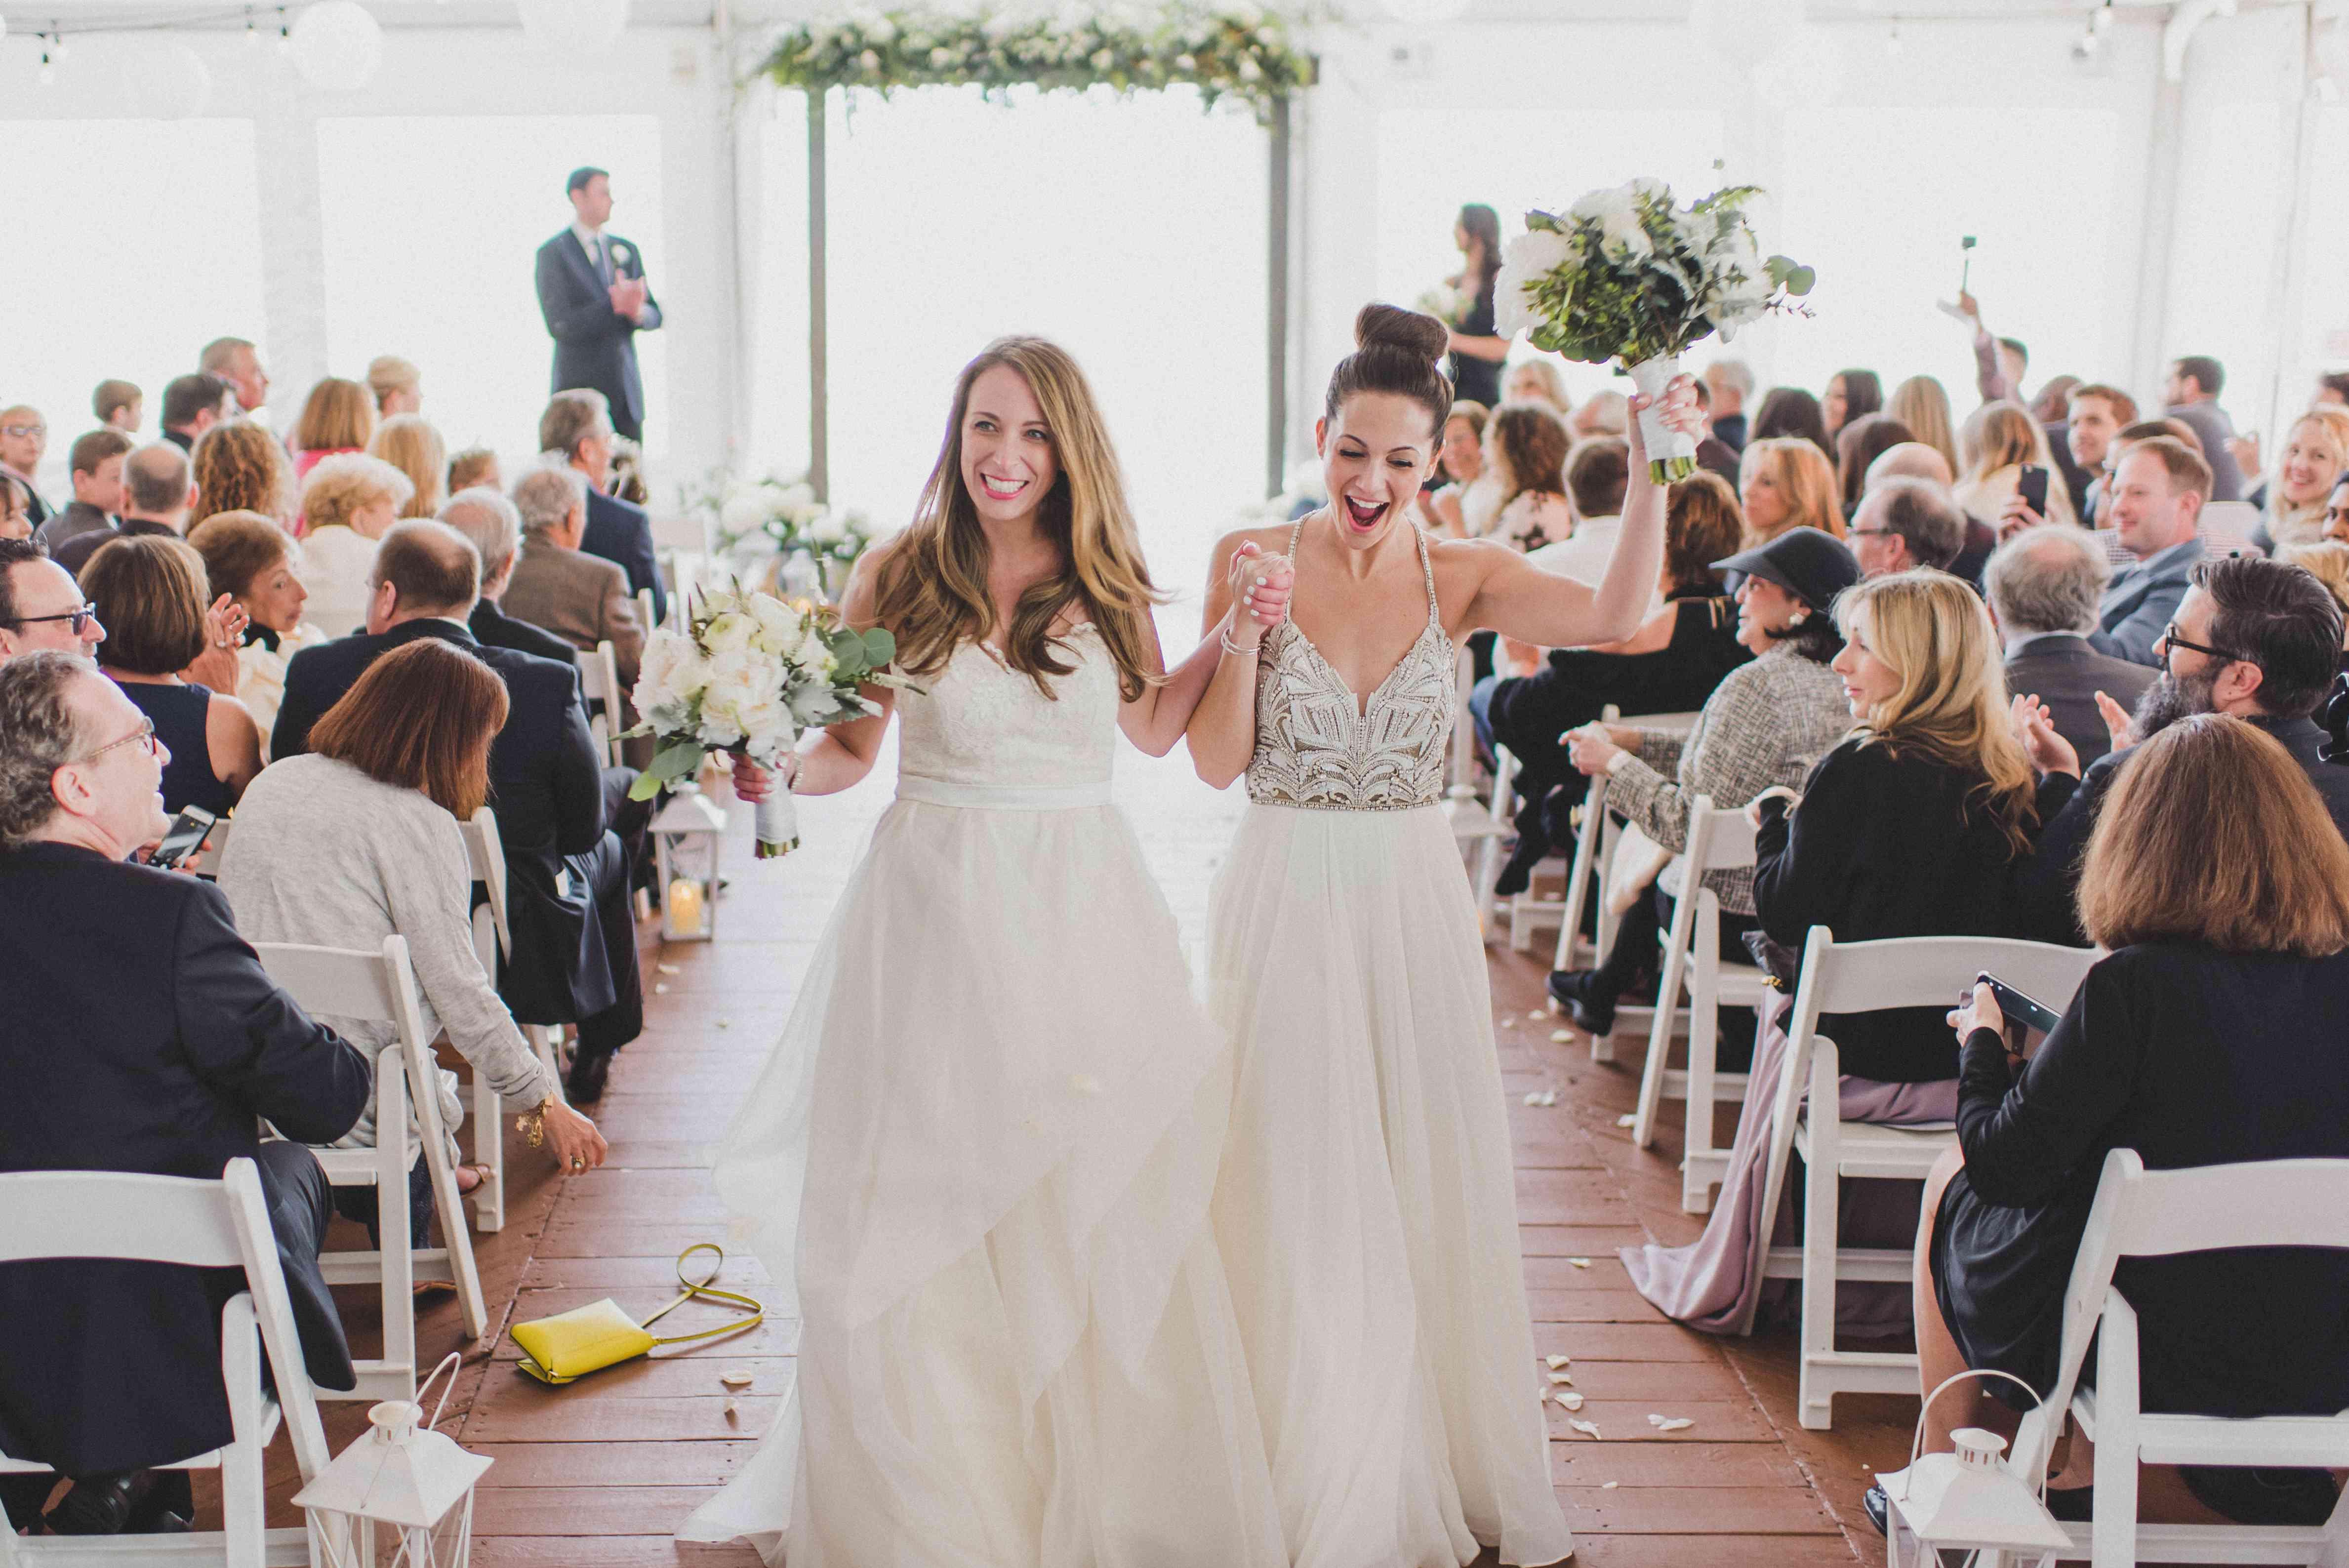 Brides Exit Ceremony